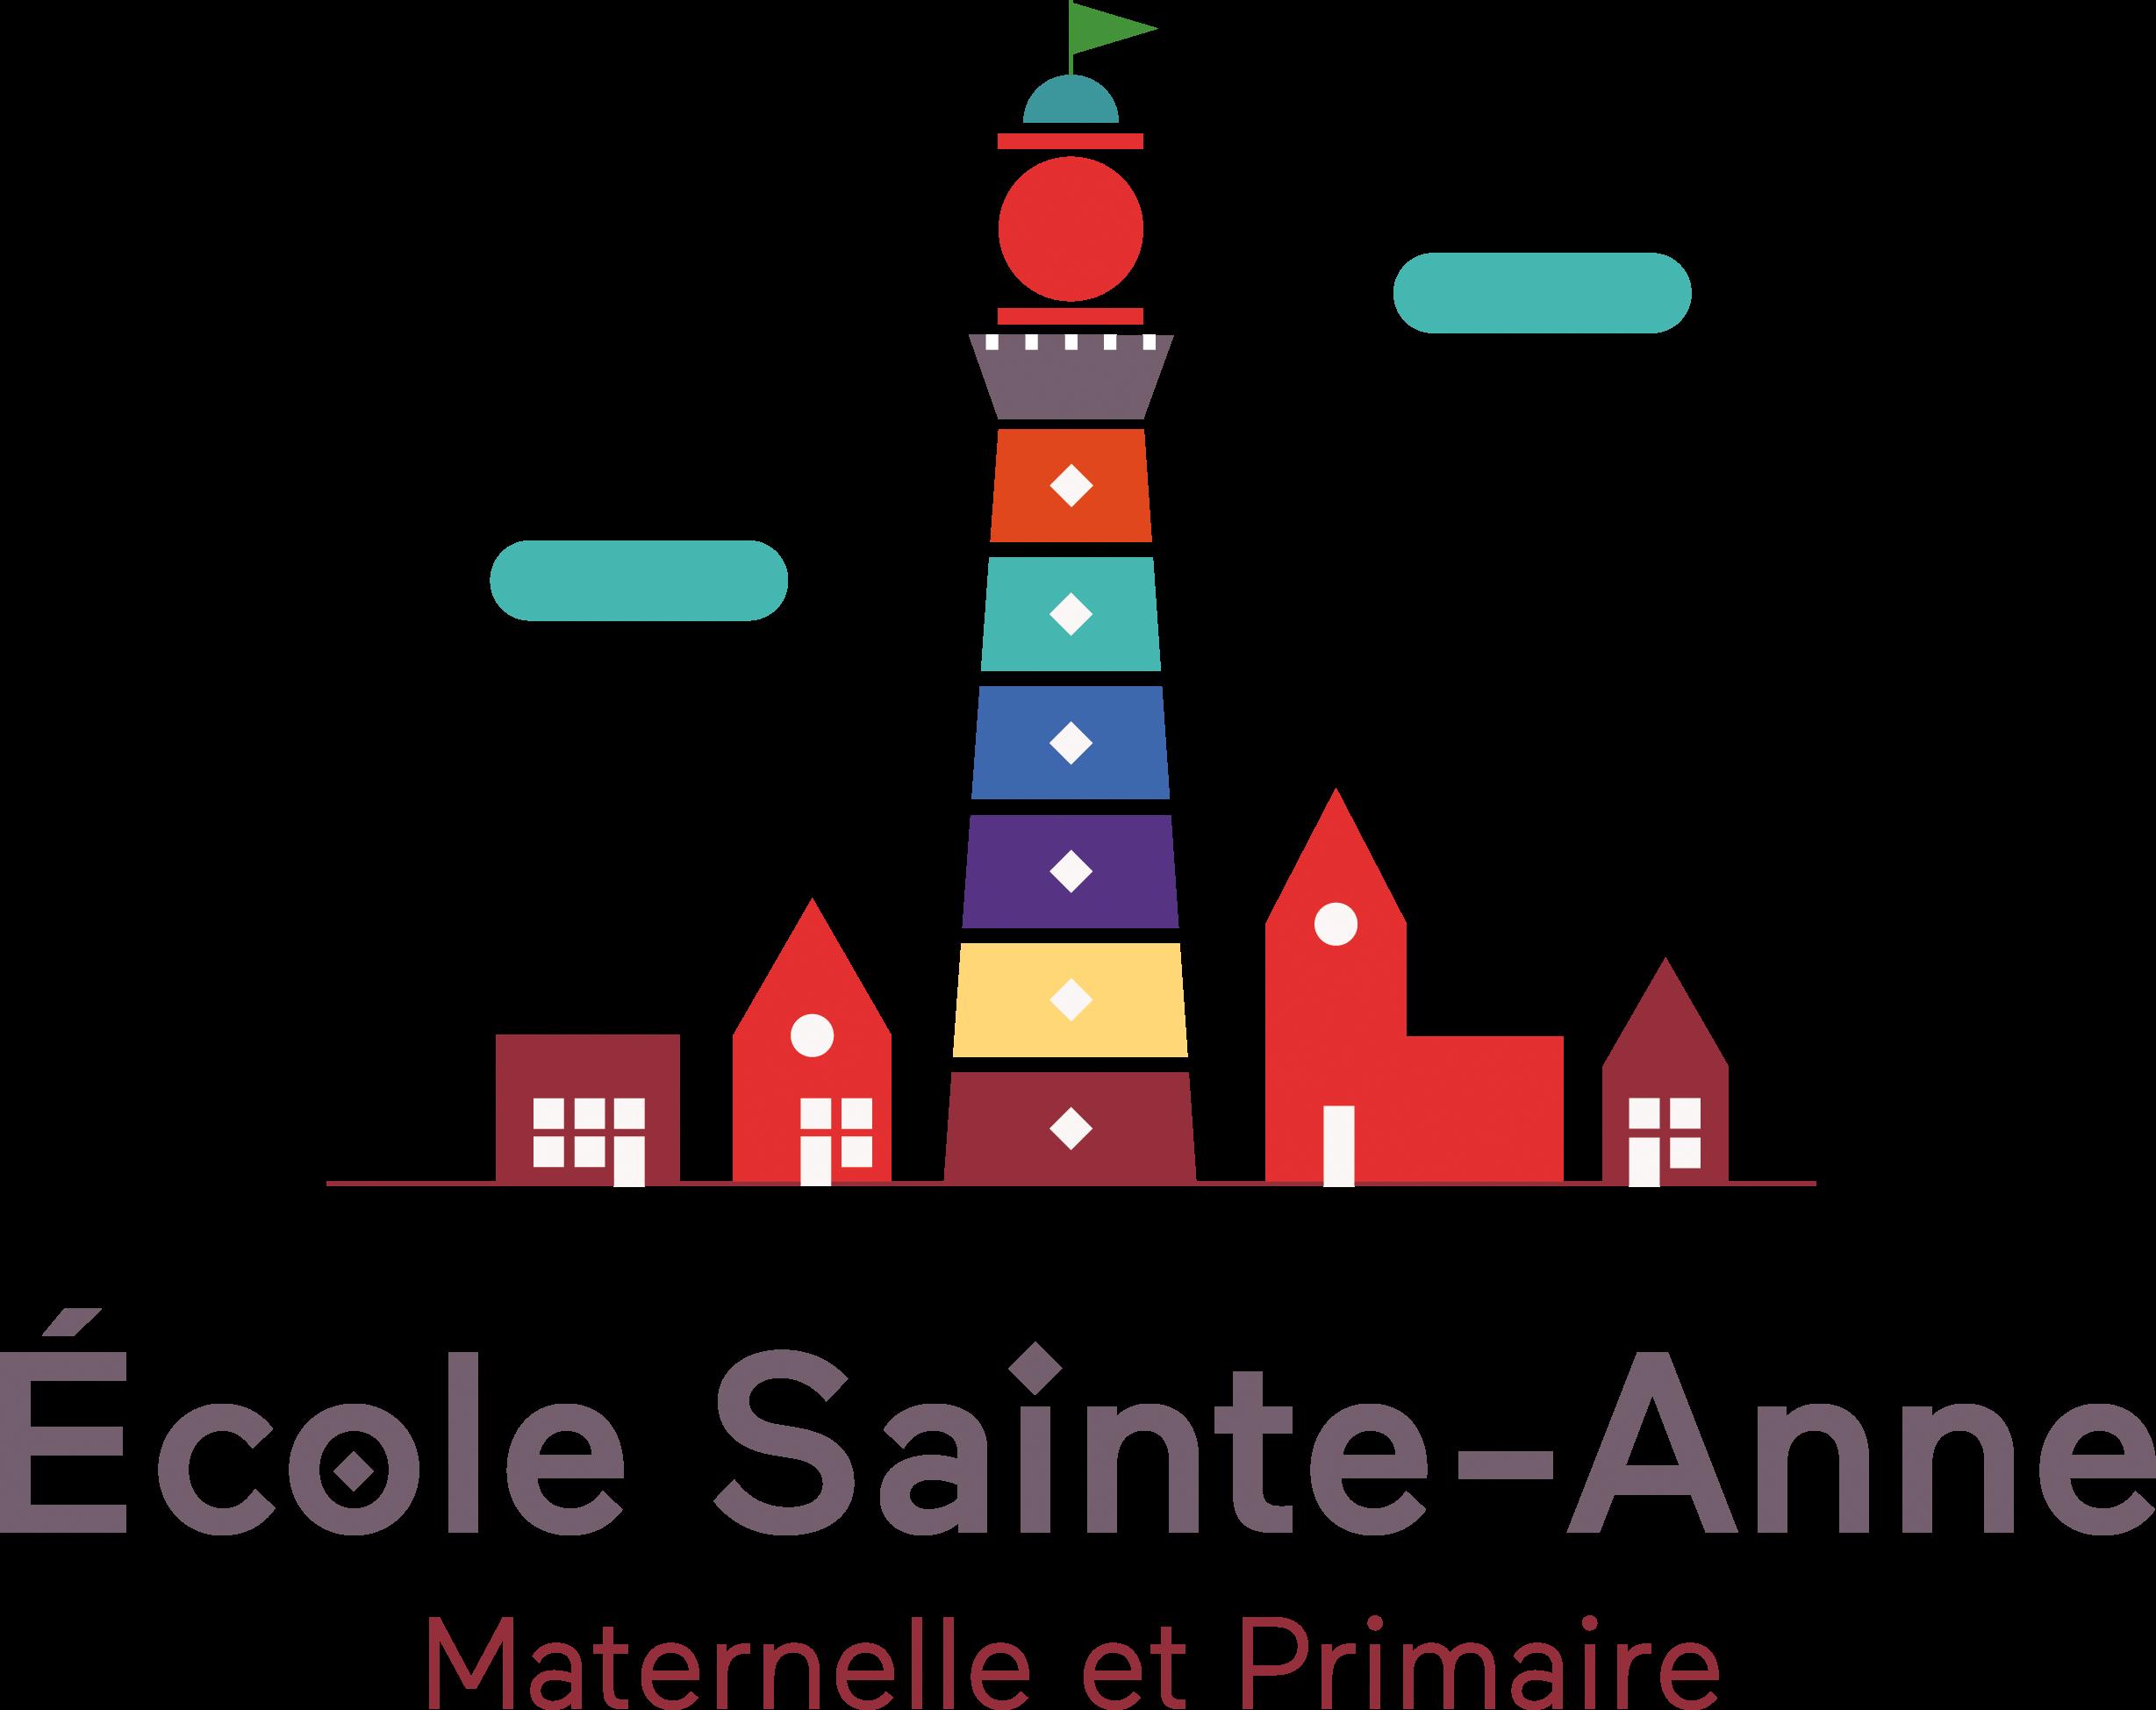 Ecole Sainte Anne Plouzané